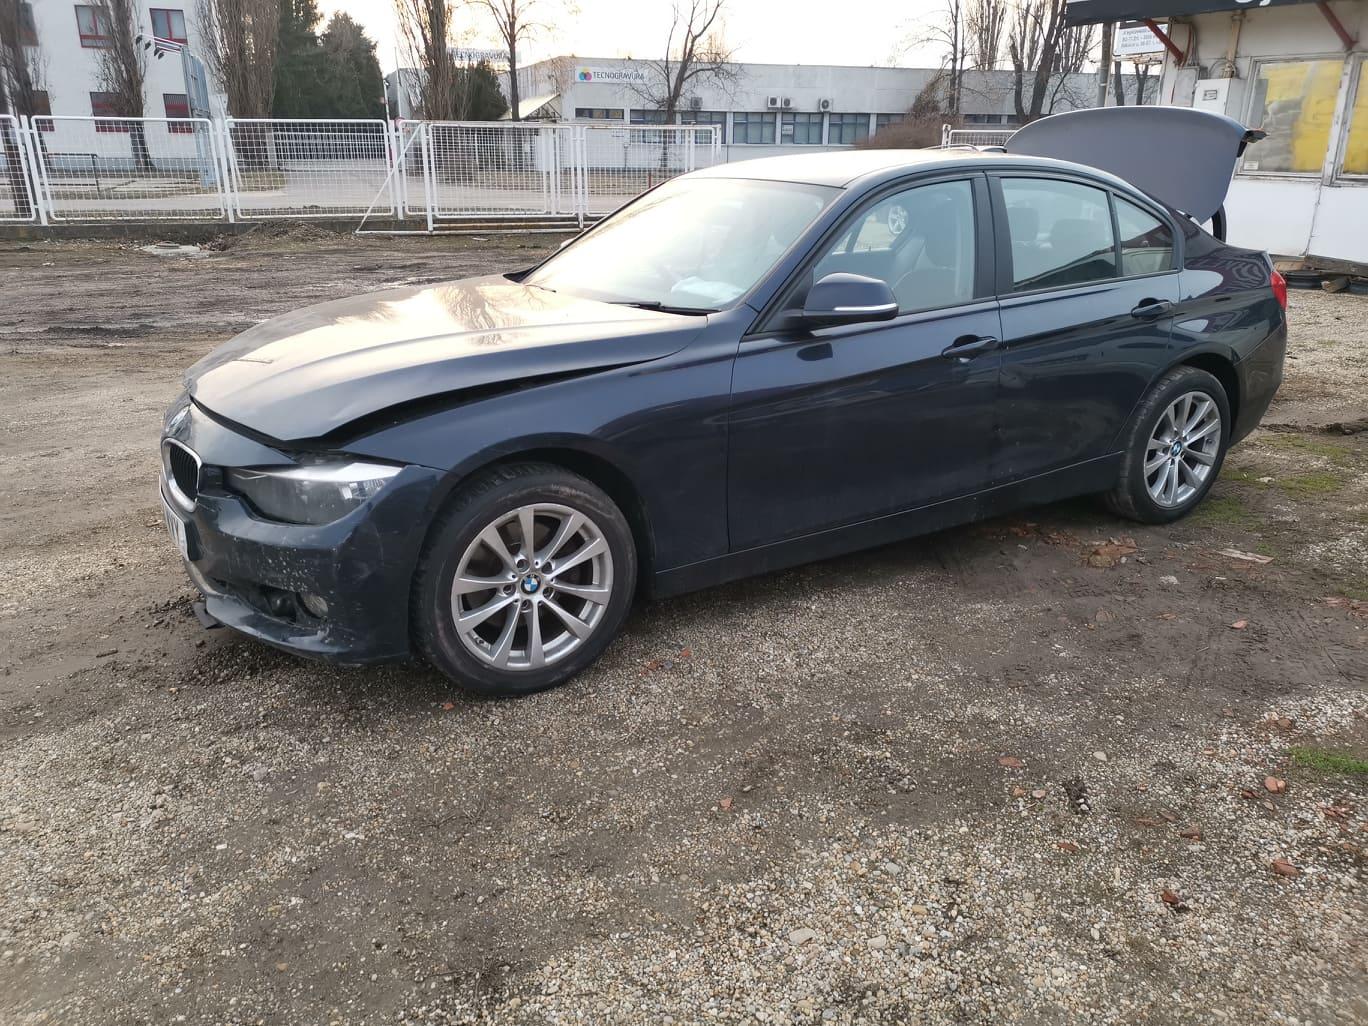 BMW alkatrészek - BMW F30 320D - Autó - Carbon Car Center Kft. Békéscsaba 012